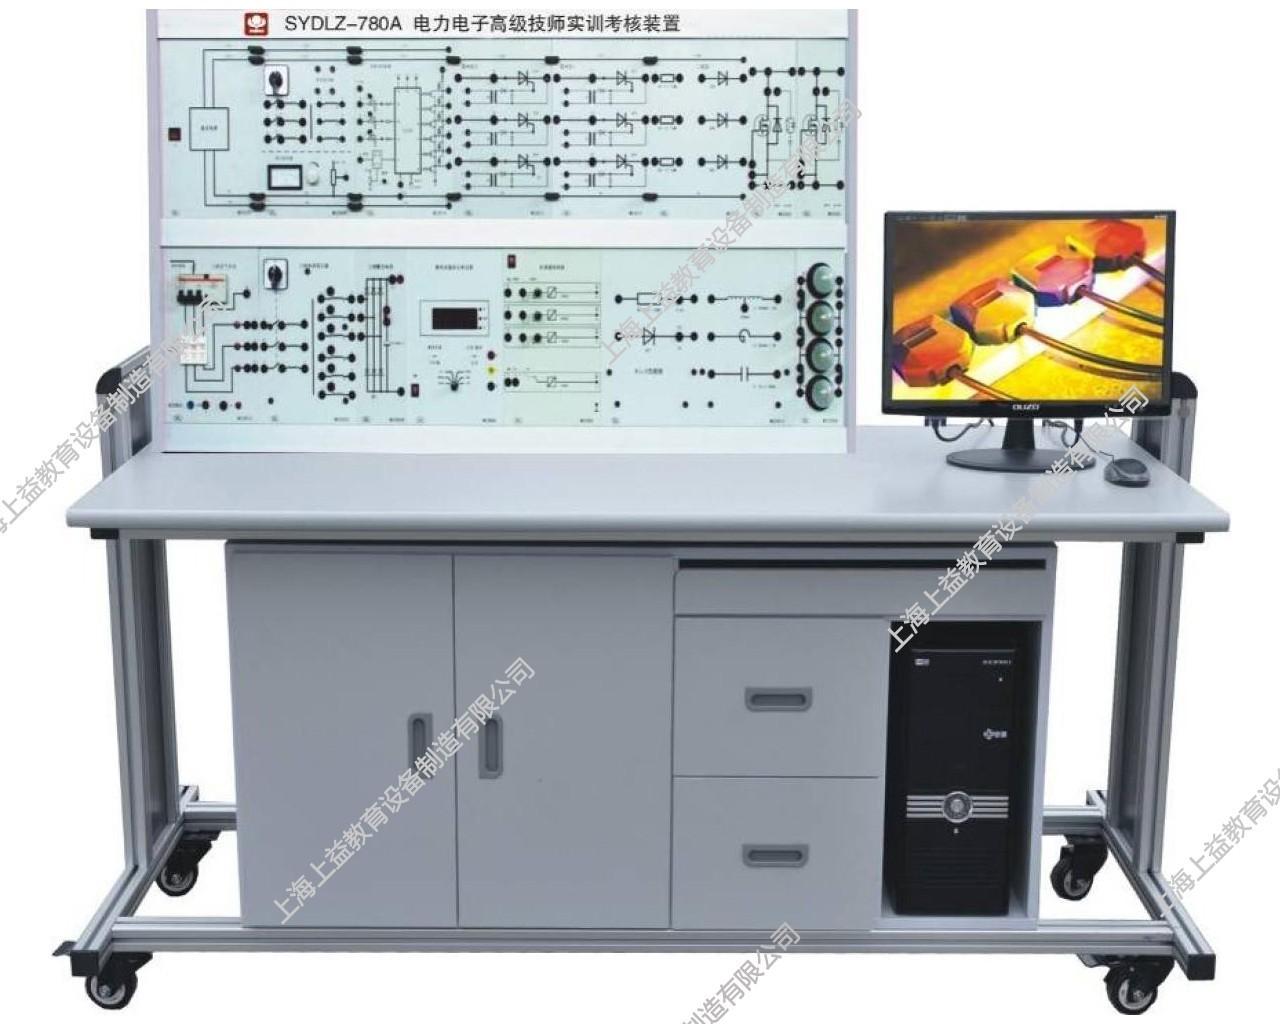 SYDLZ-780A2电力电子高级技师wwwlehu8viplehu68vip装置